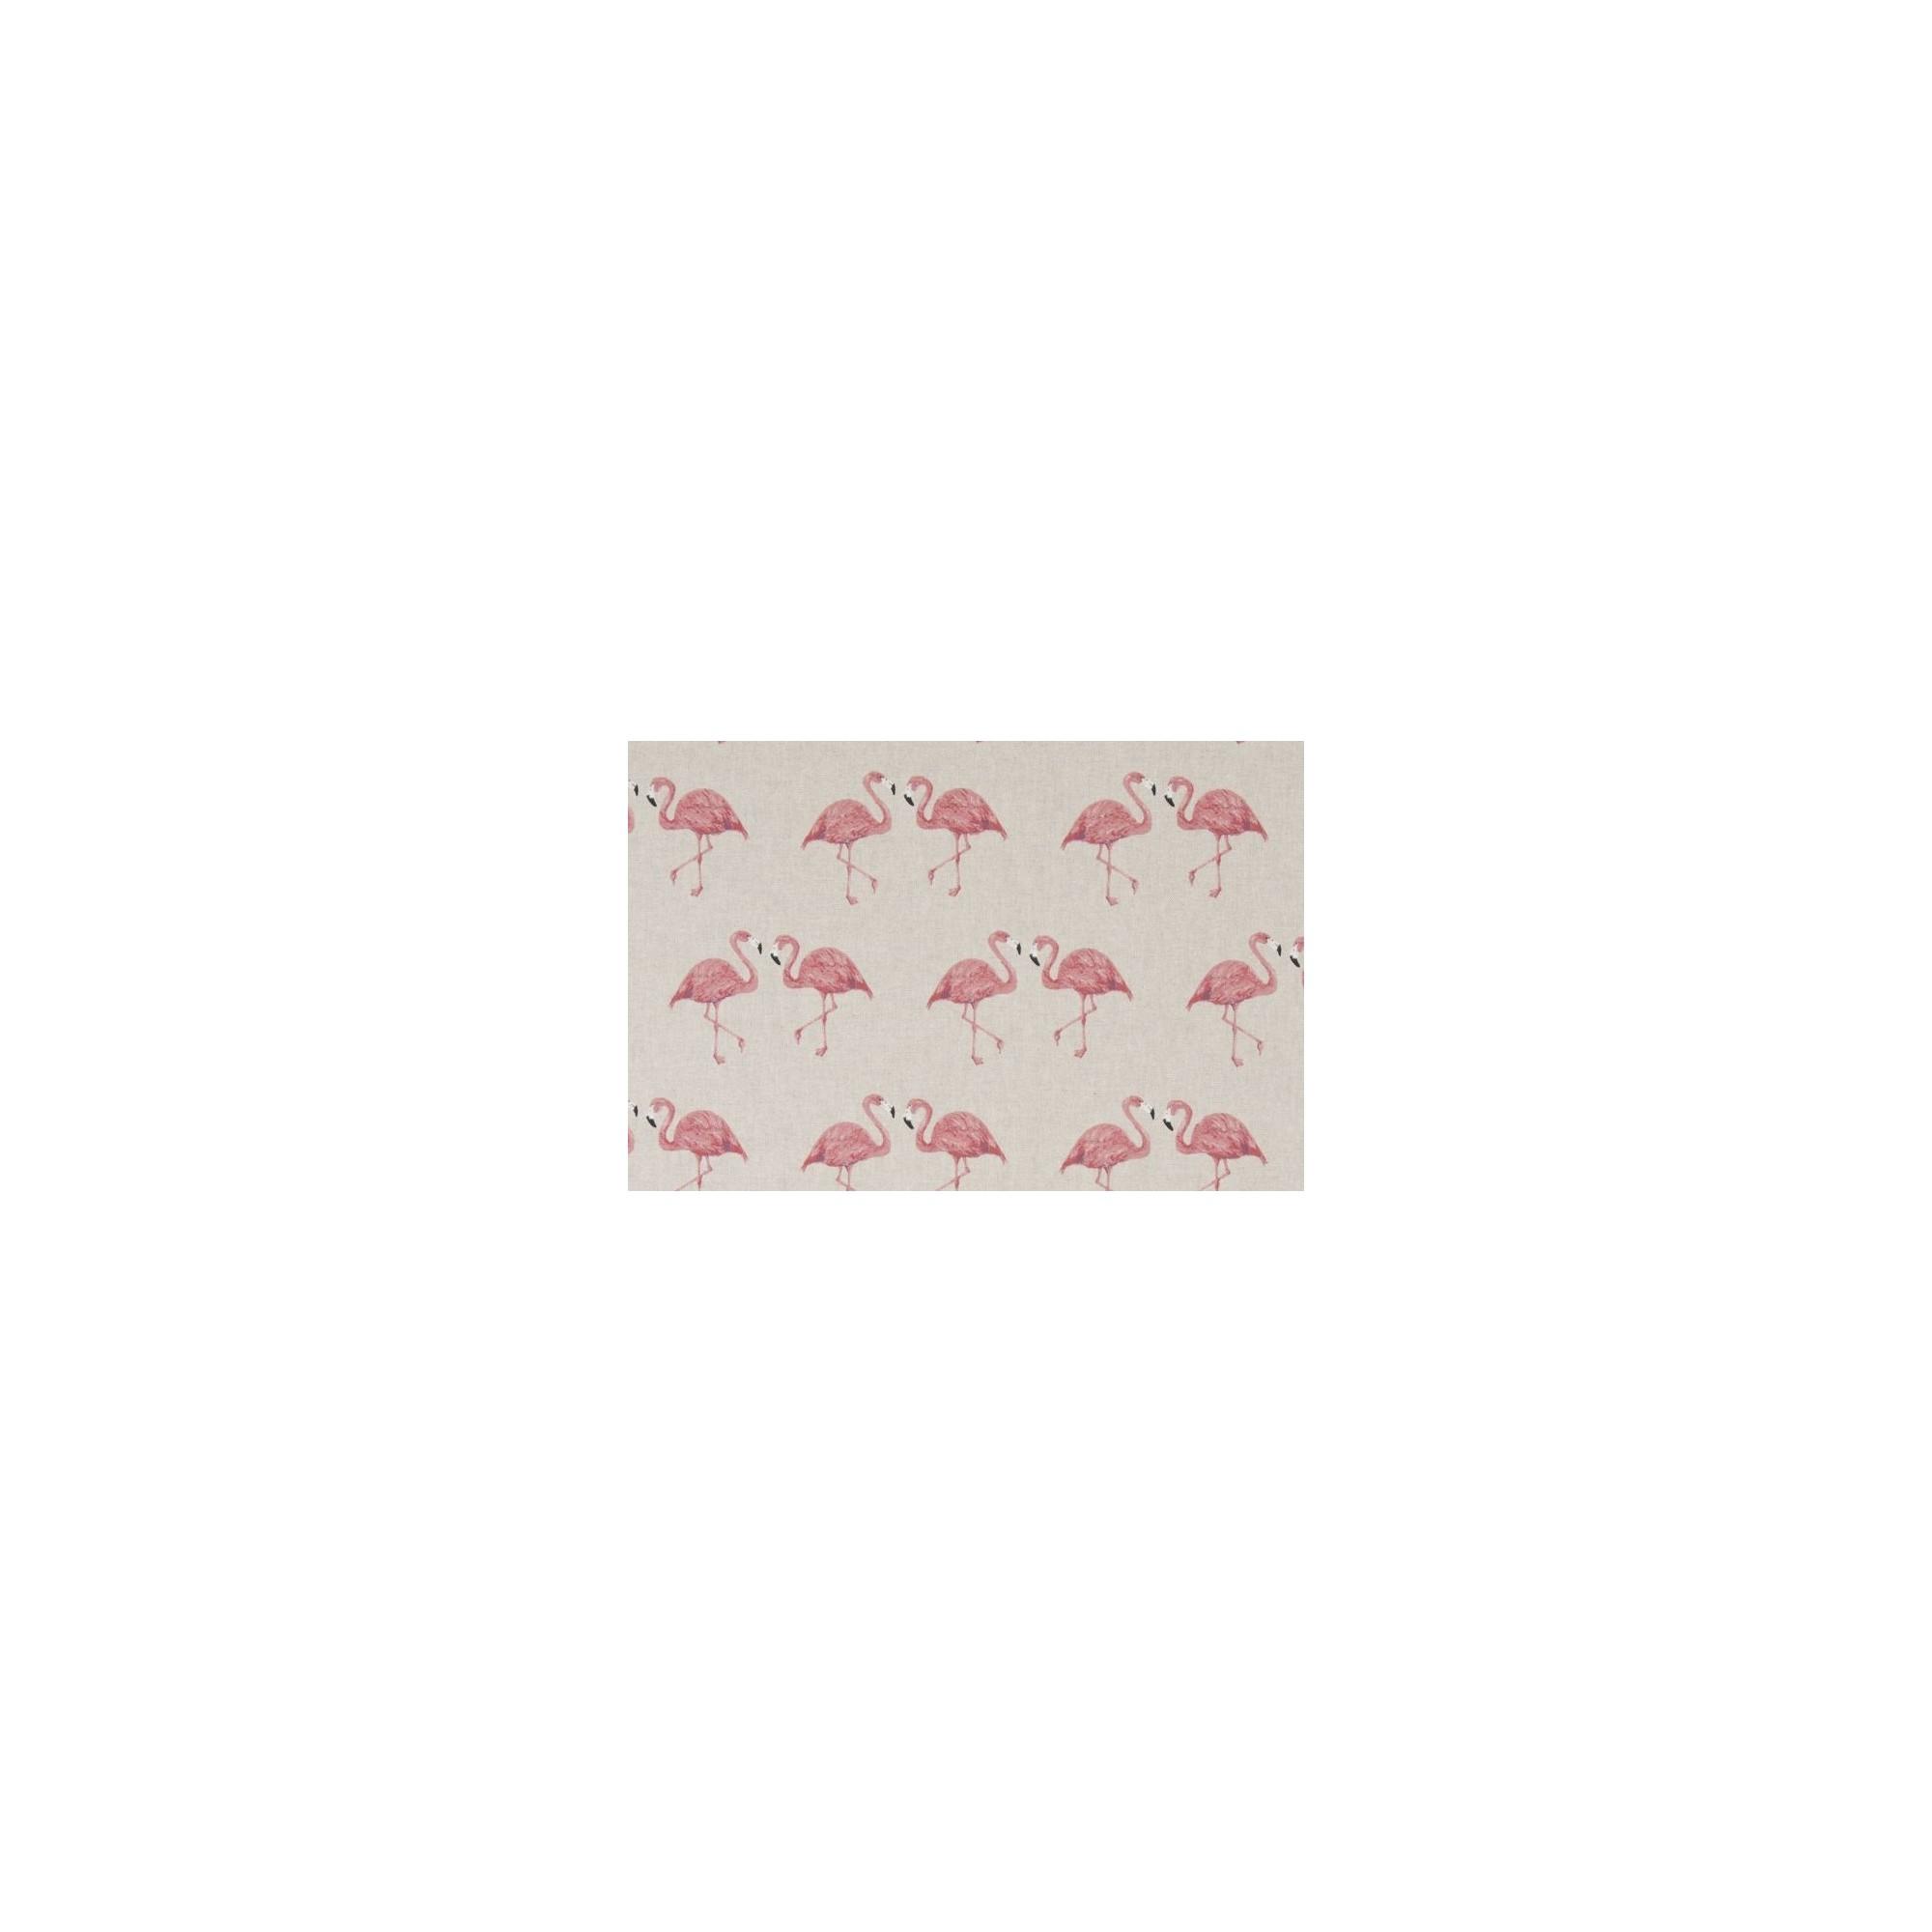 Ύφασμα Flamingo - NT-308246